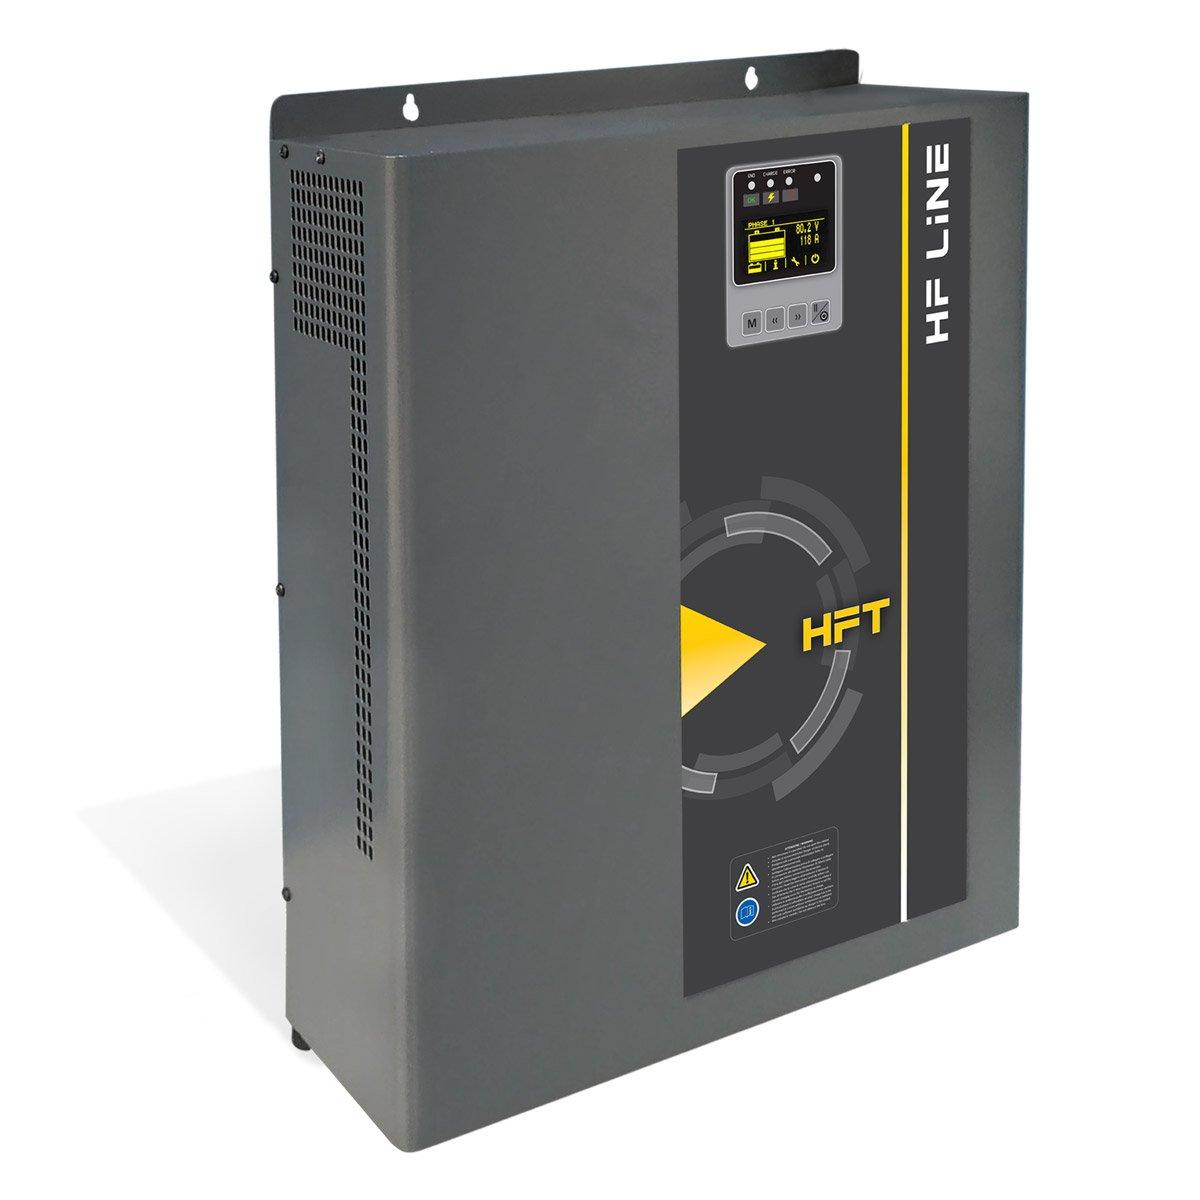 Caricabatterie per muletti, Brescia, ATIB Elettronica